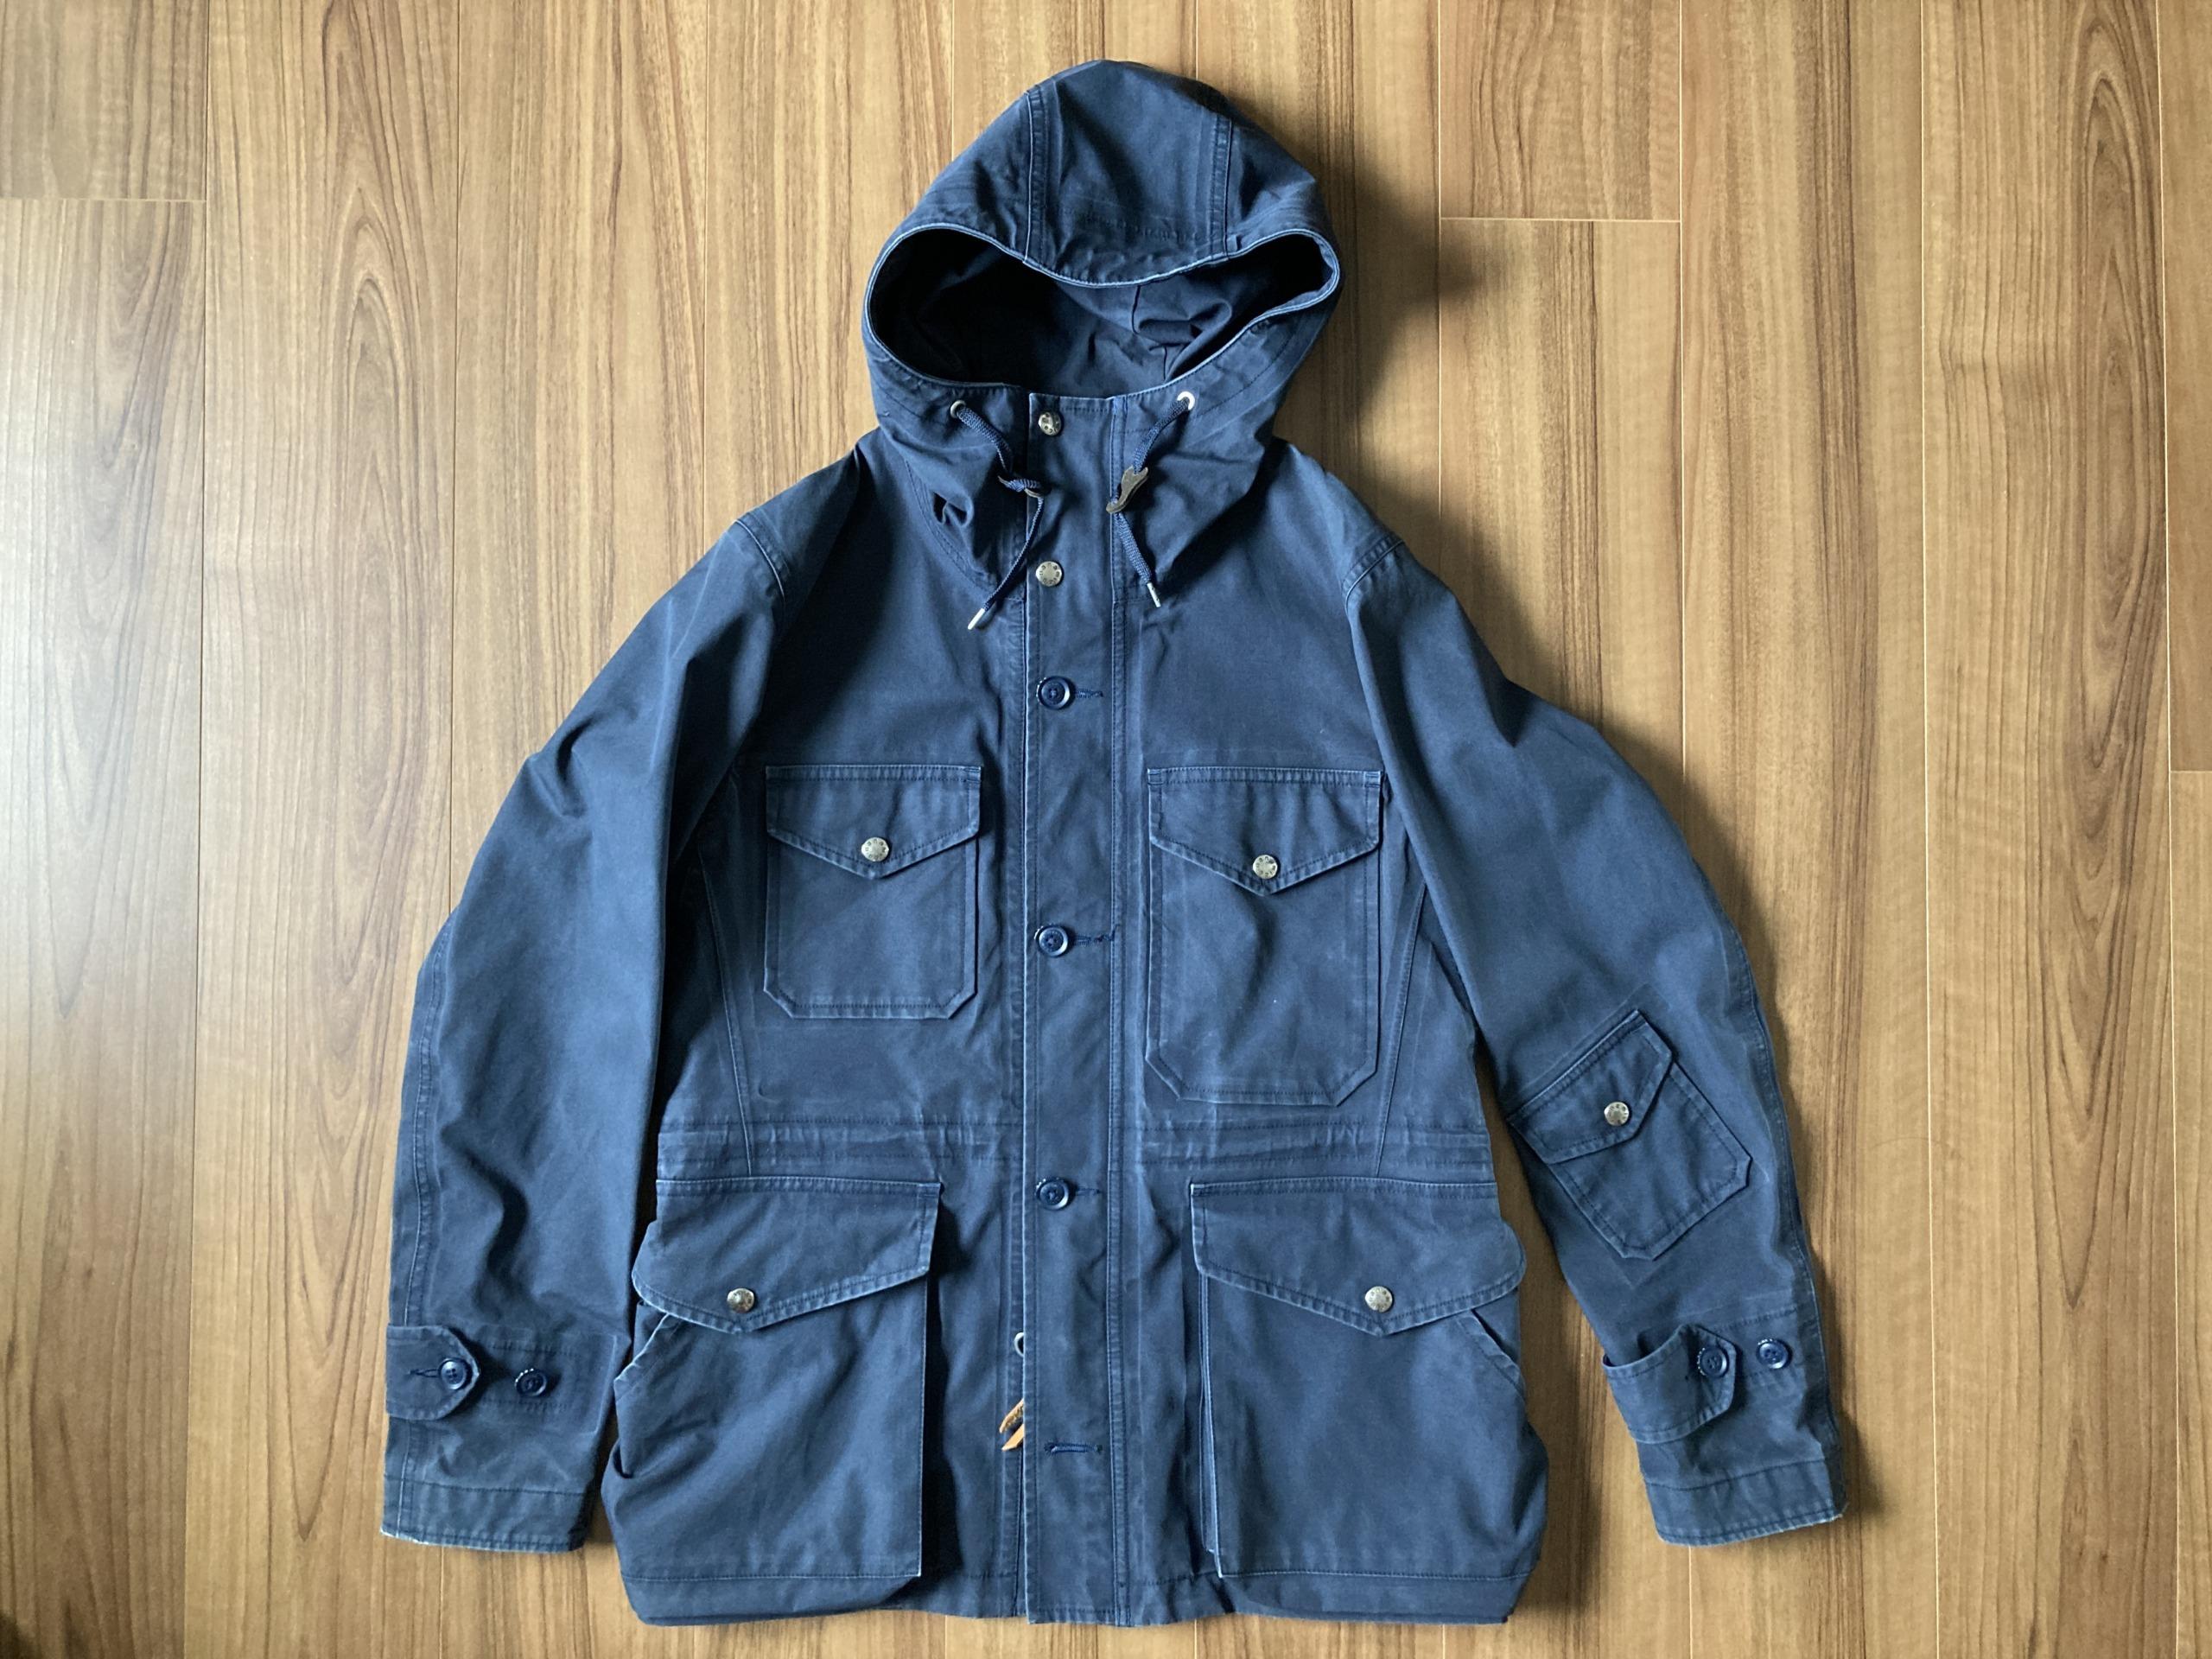 nanamica ナナミカ ゴアテックス コート エイジング 経年変化 クルーザージャケット 3年